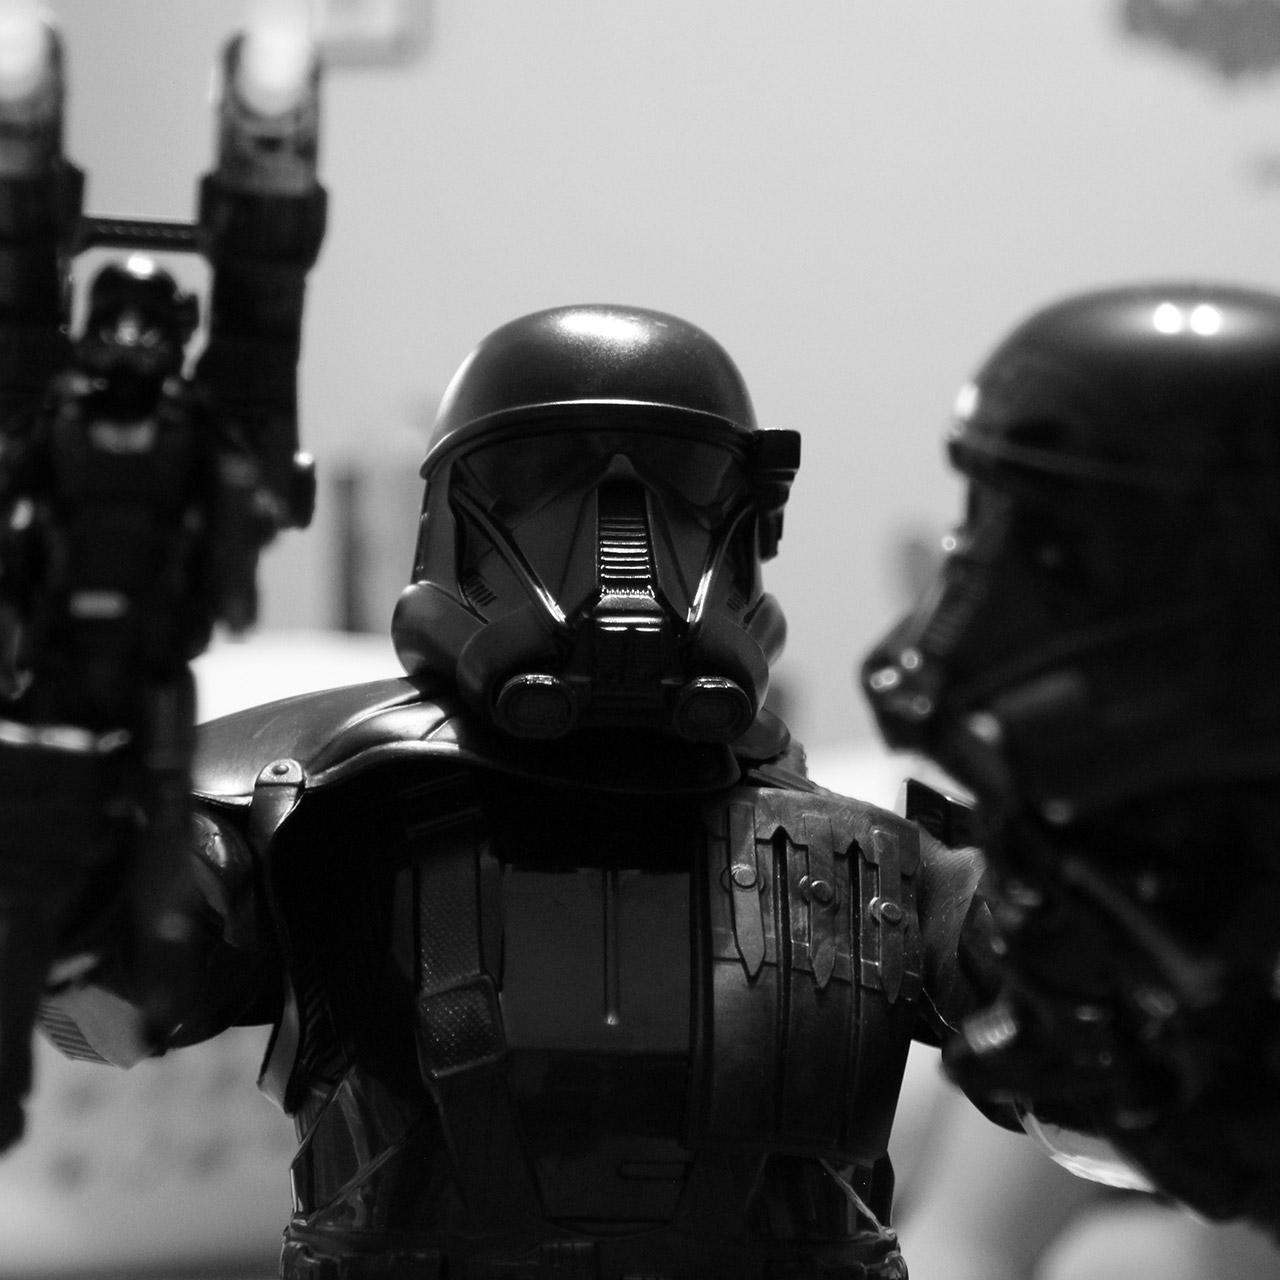 deathtrooper_01